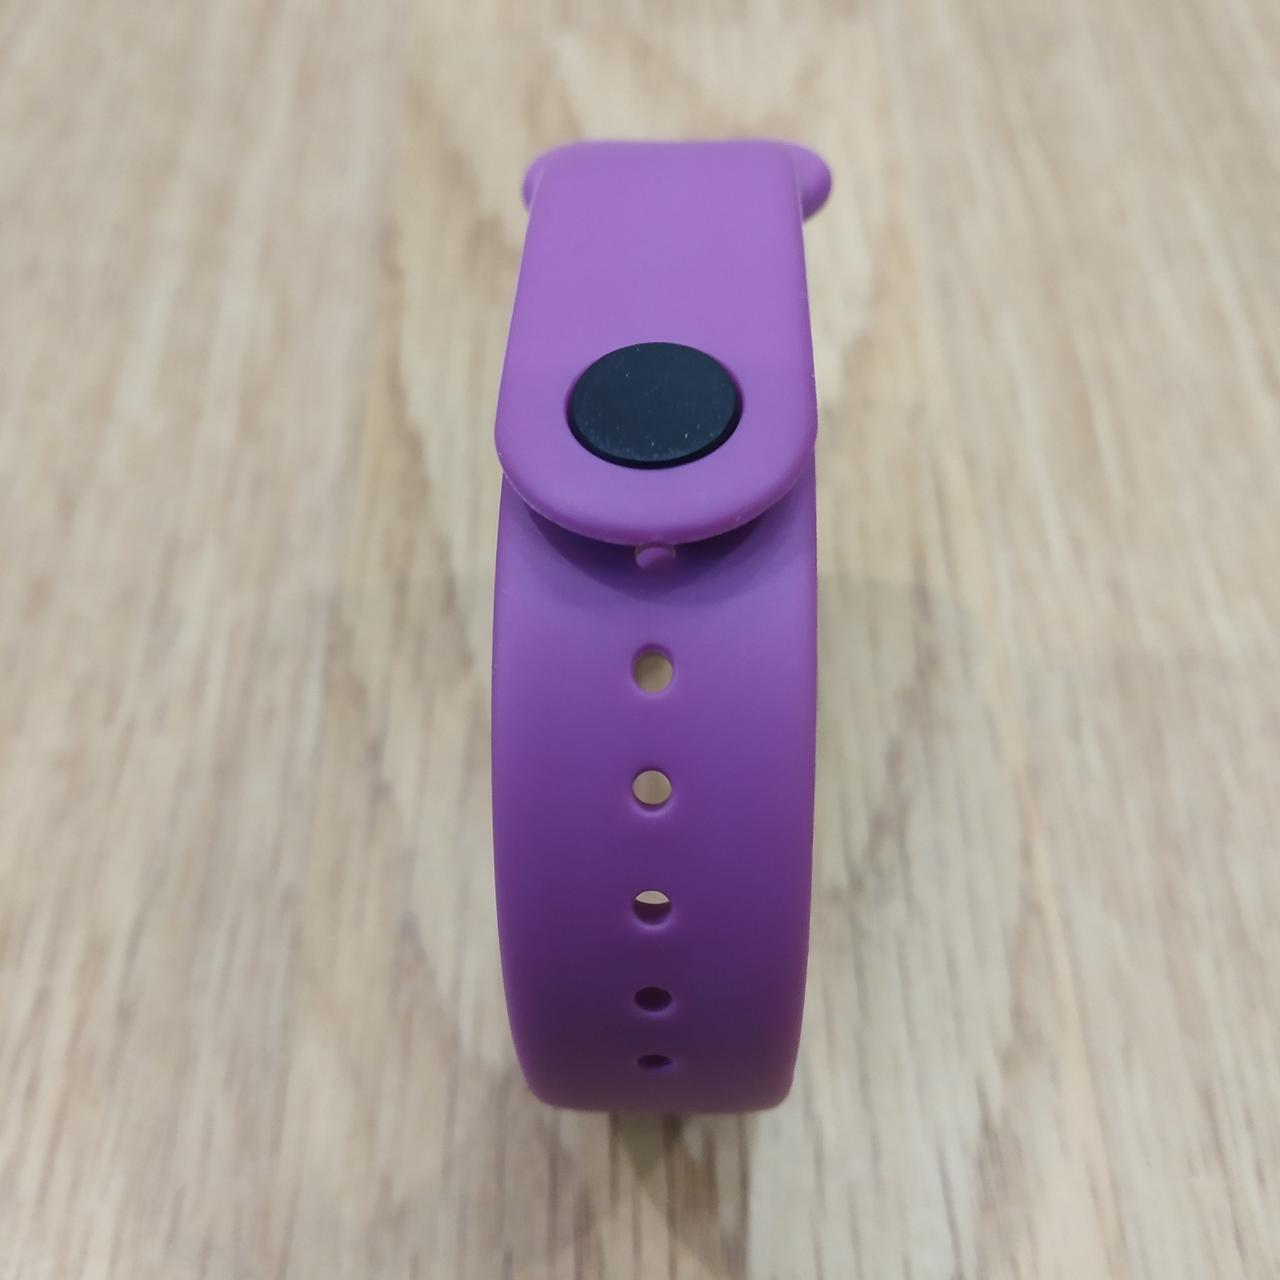 Ремешок для Фитнес-Трекера,  XIAOMI MI BAND 3 / 4 одноцветный - Purple - Фиолетовый